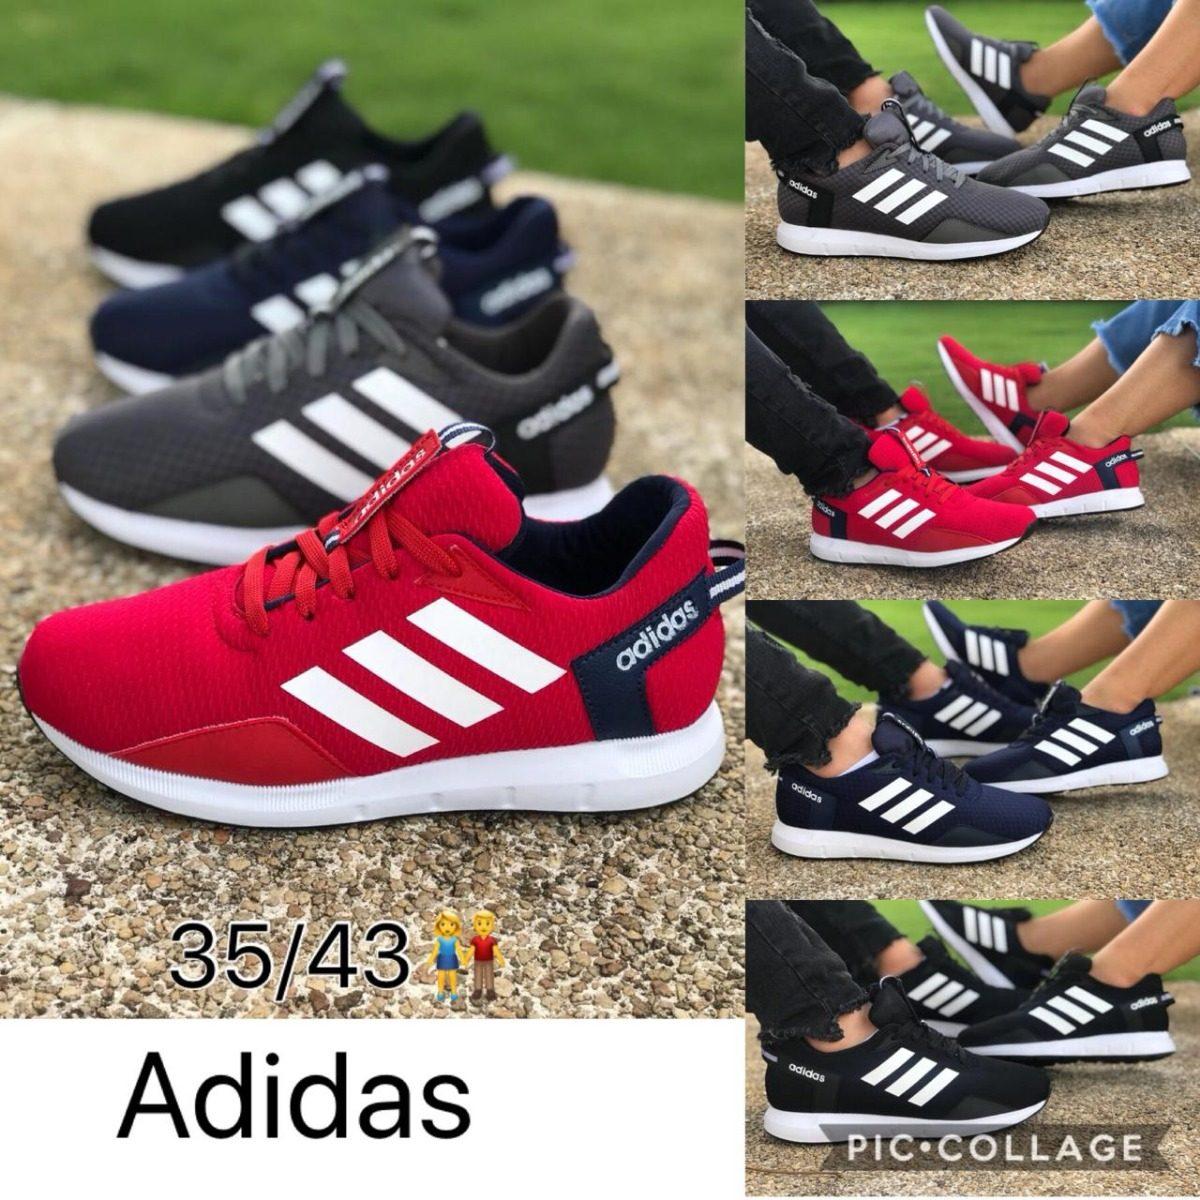 zapatillas adidas tennis mujer